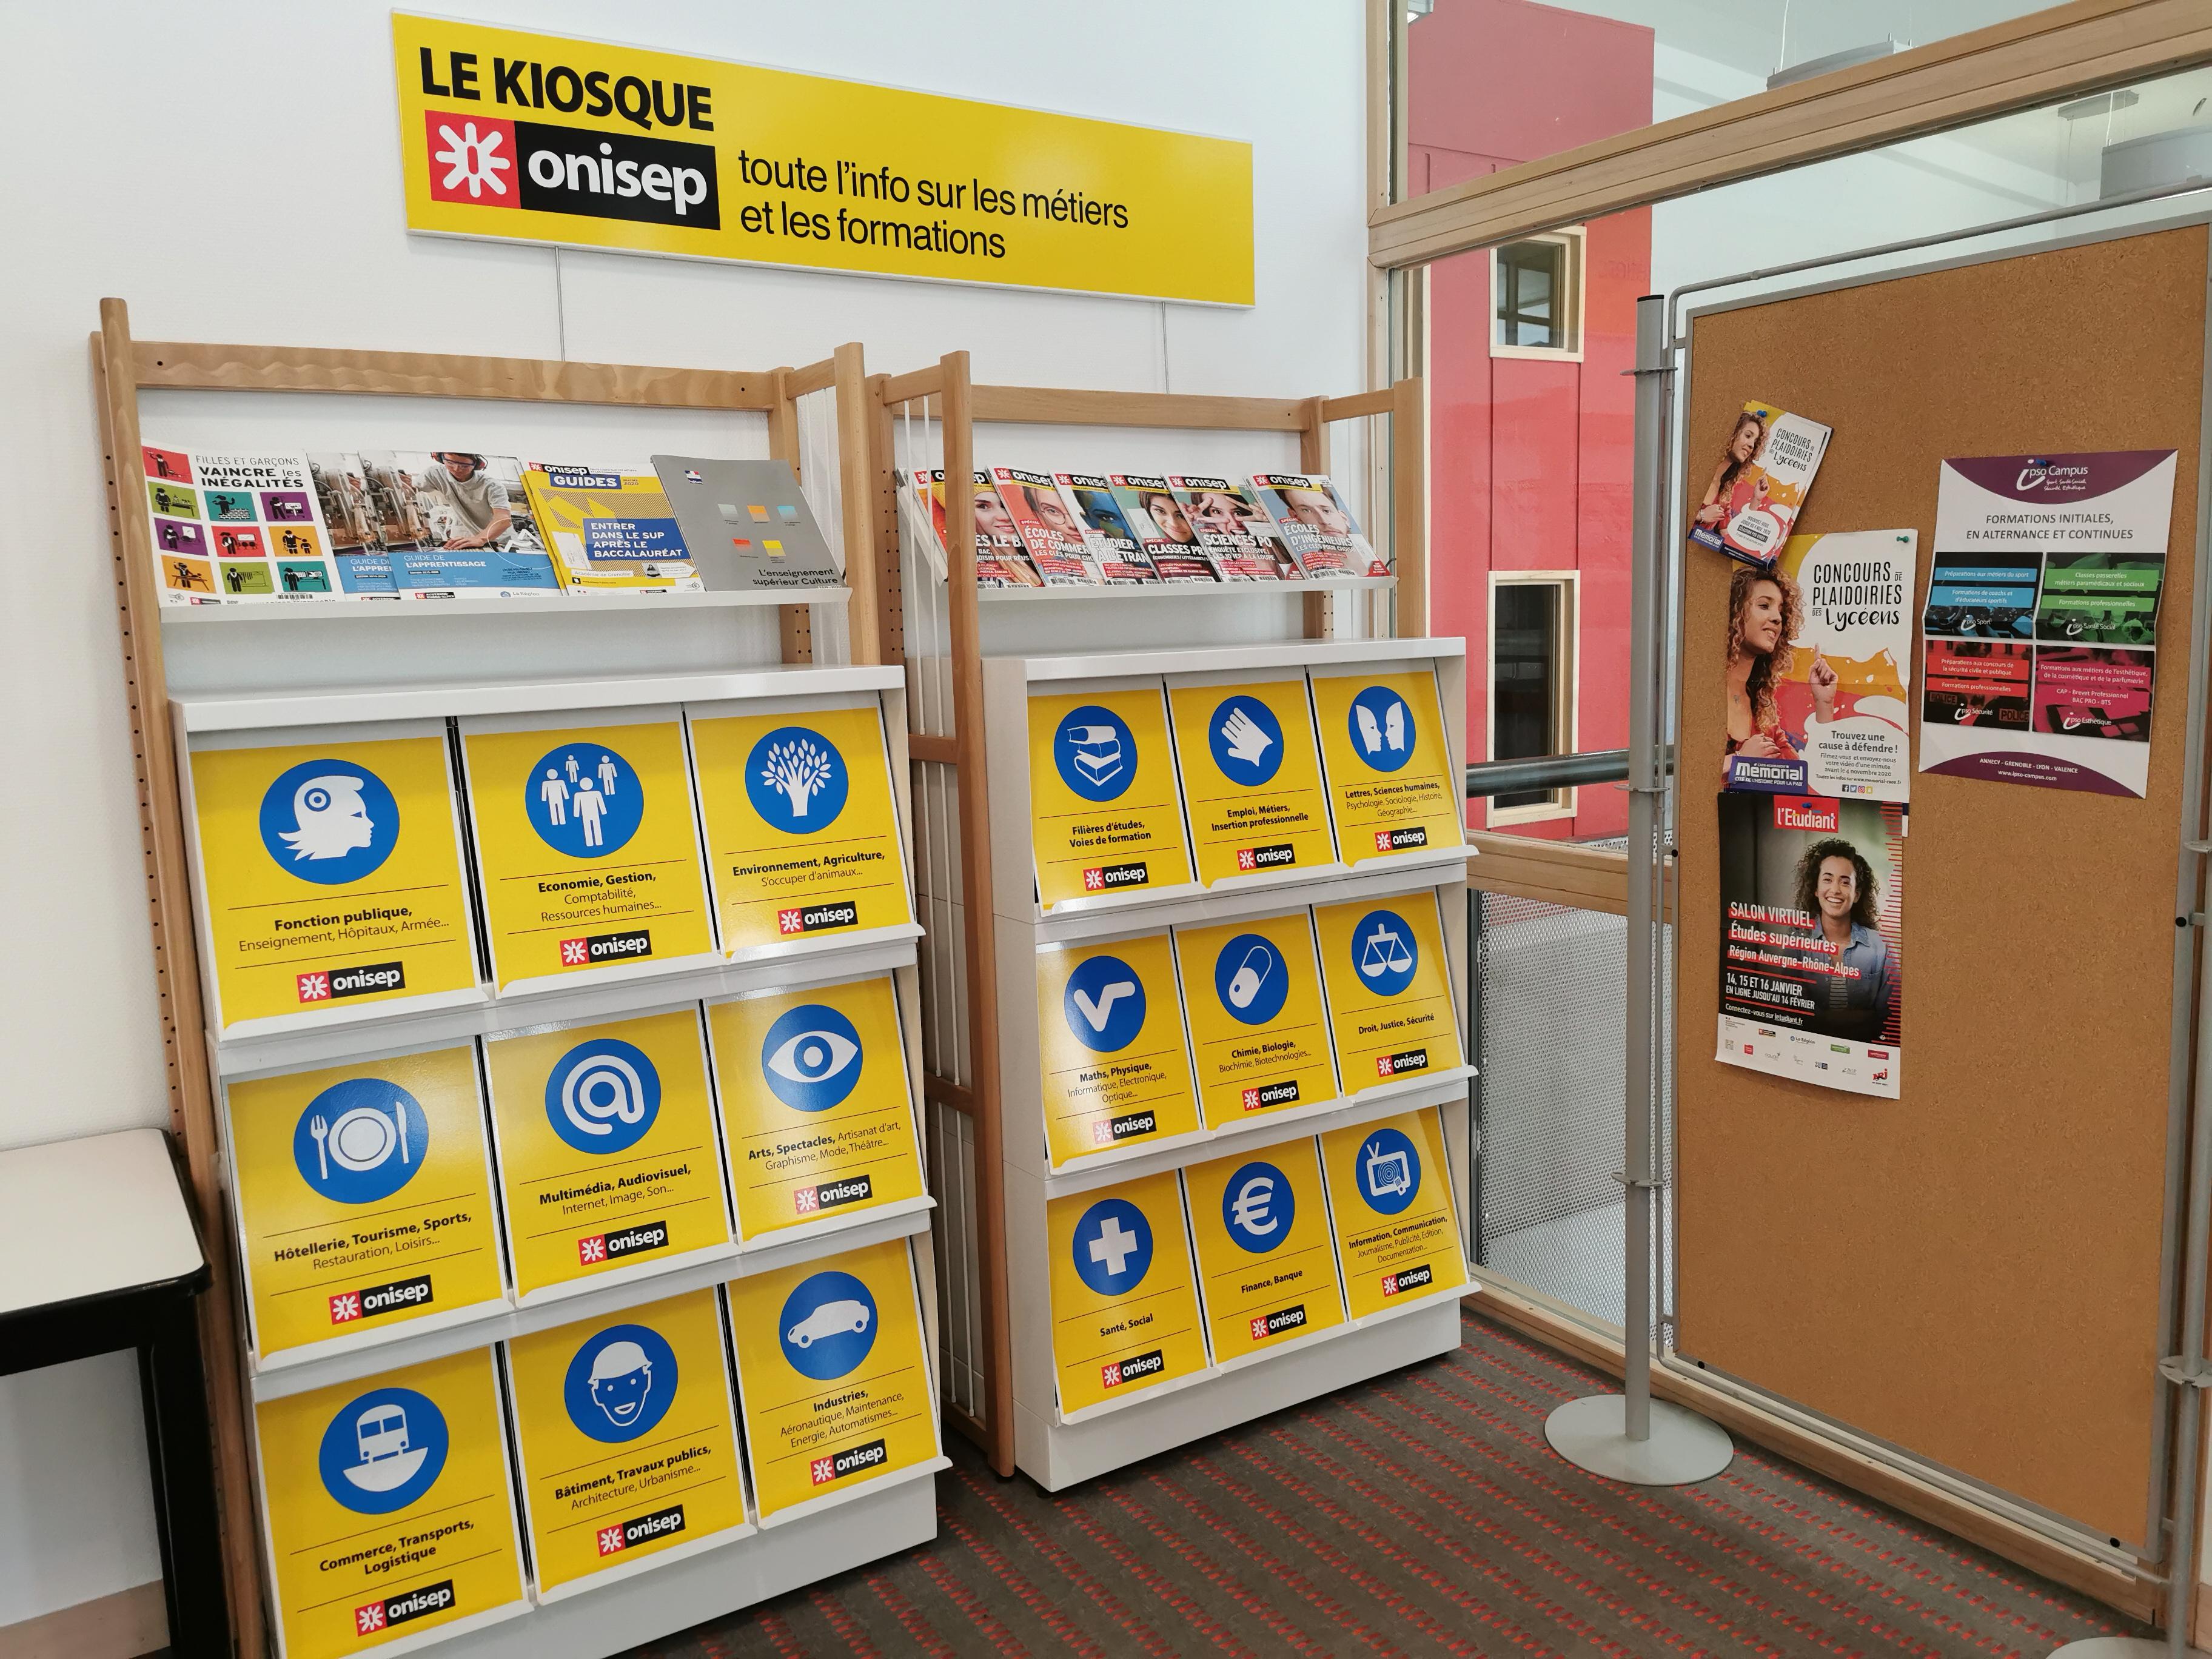 Cdi du lycée Paul Héroult - le kiosque d'orientation onisep